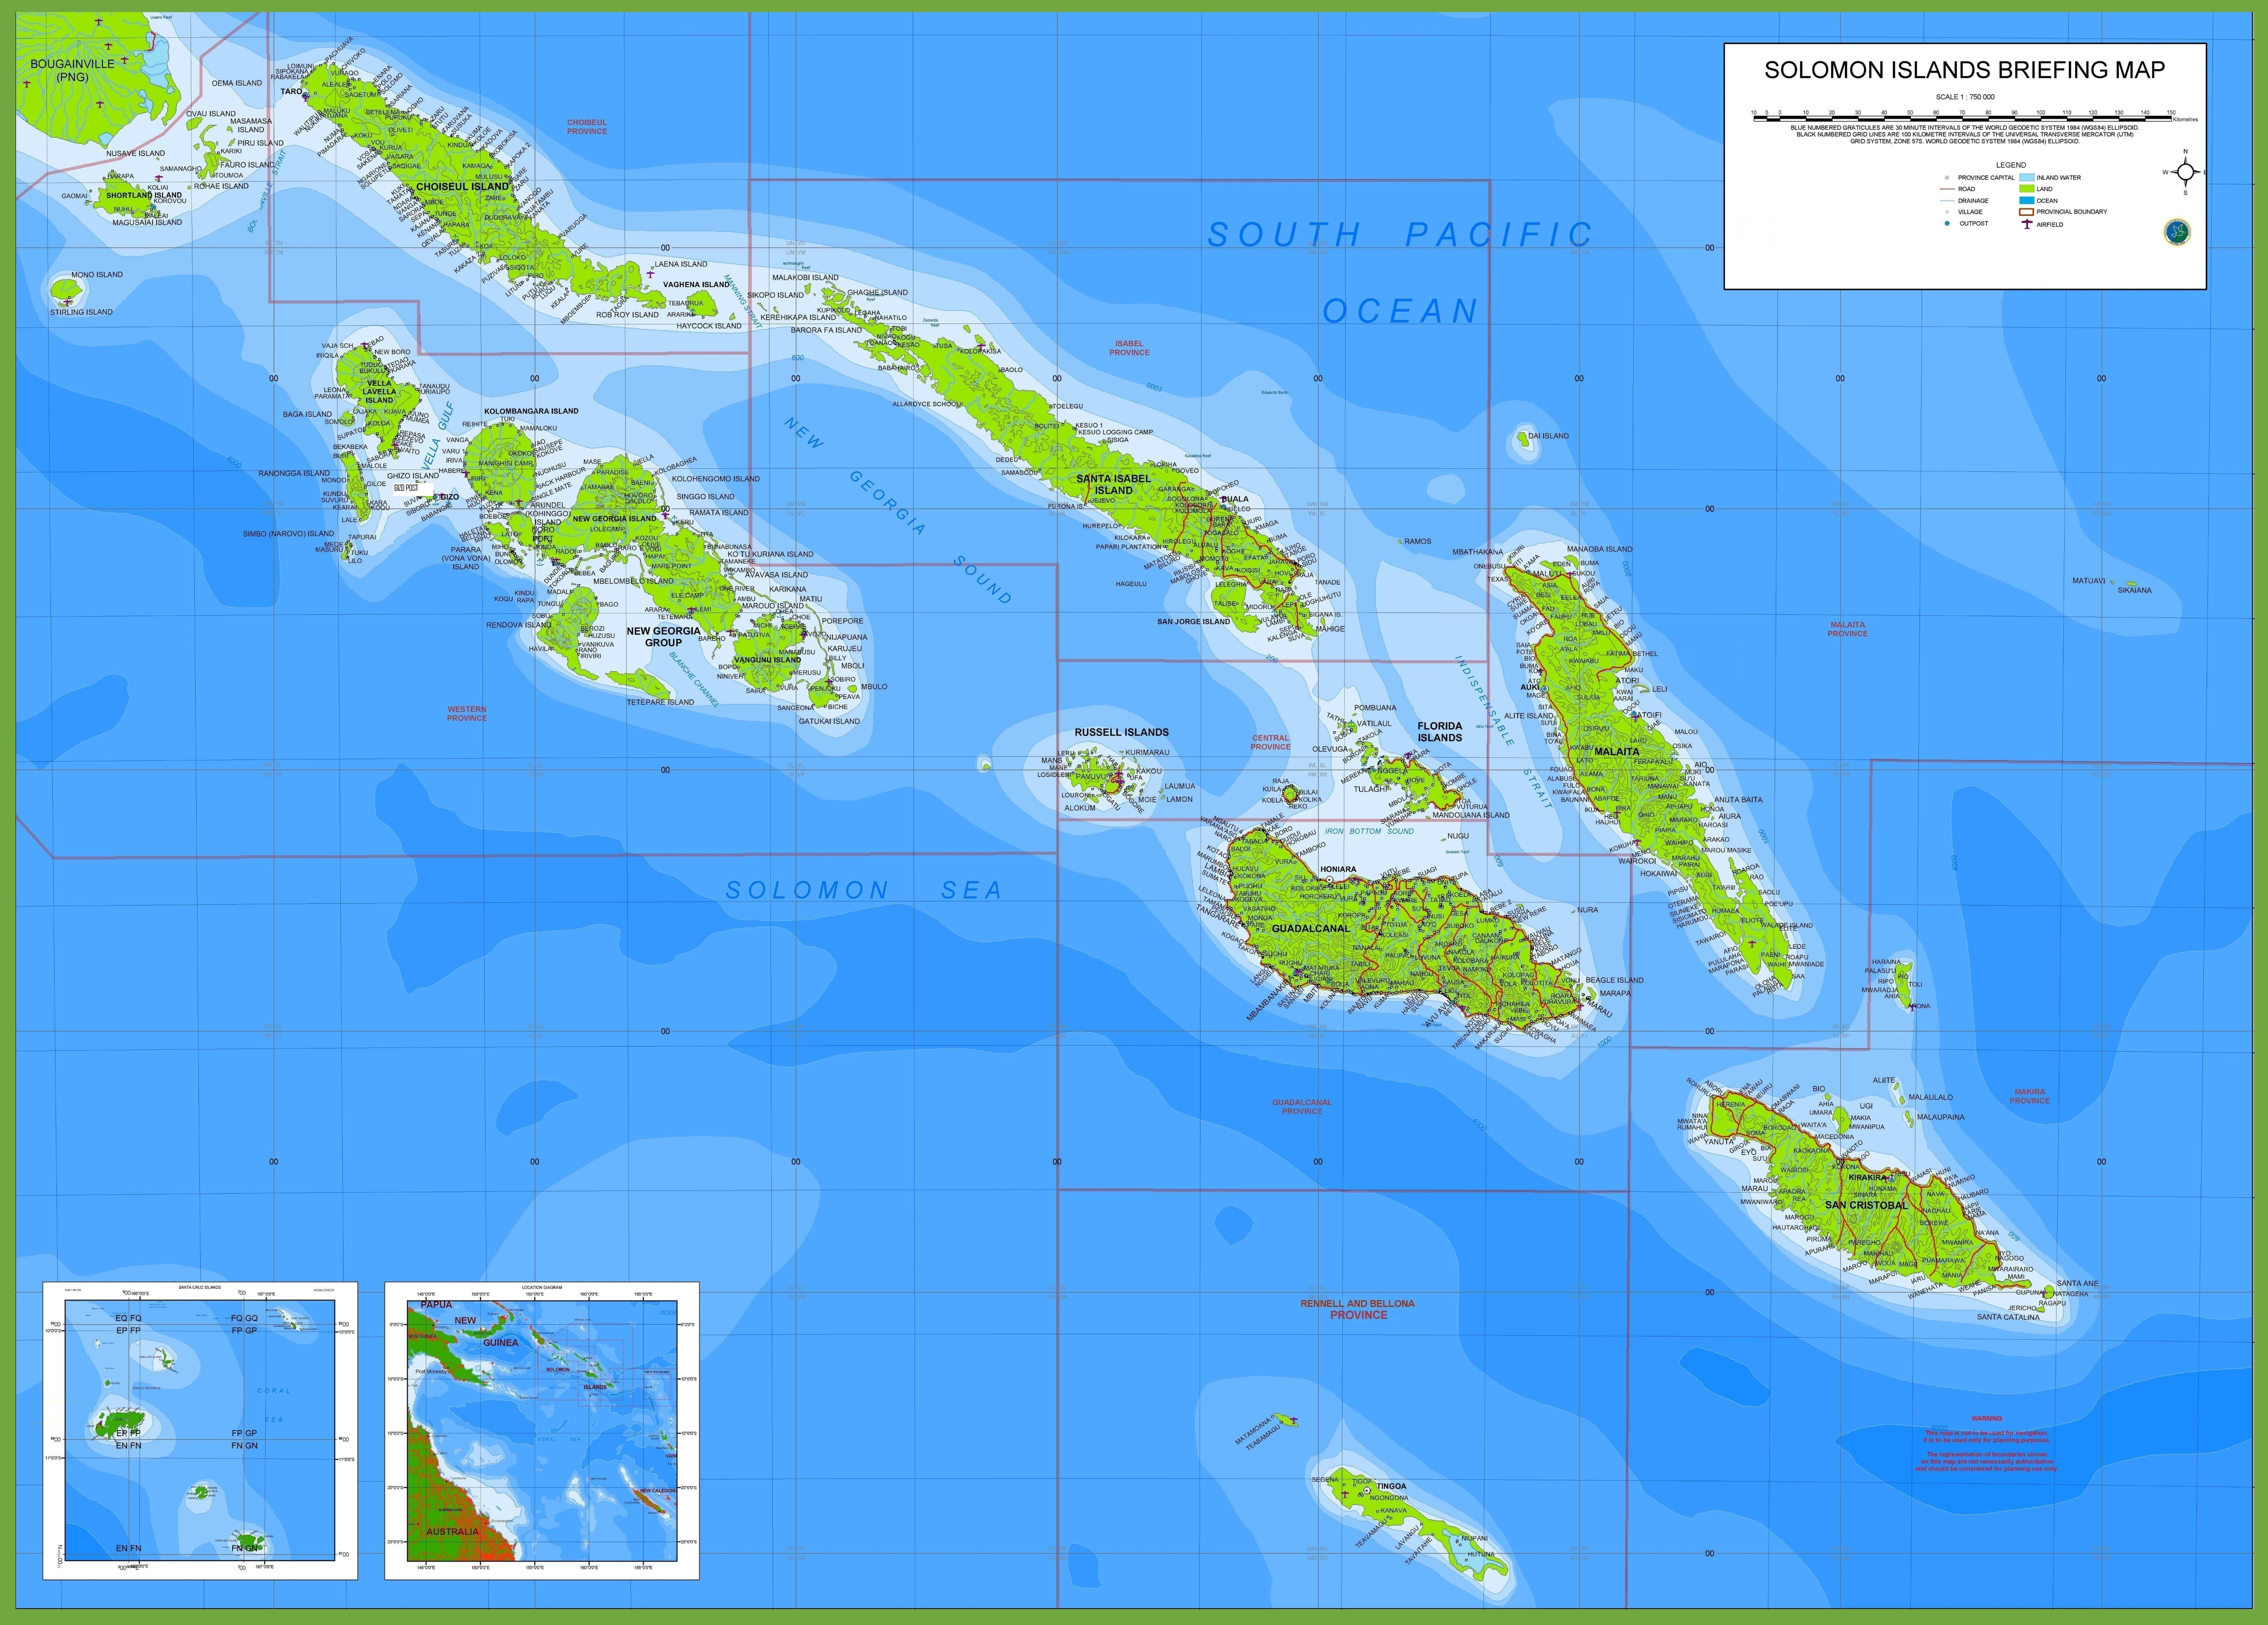 Toyota Solomon Islands